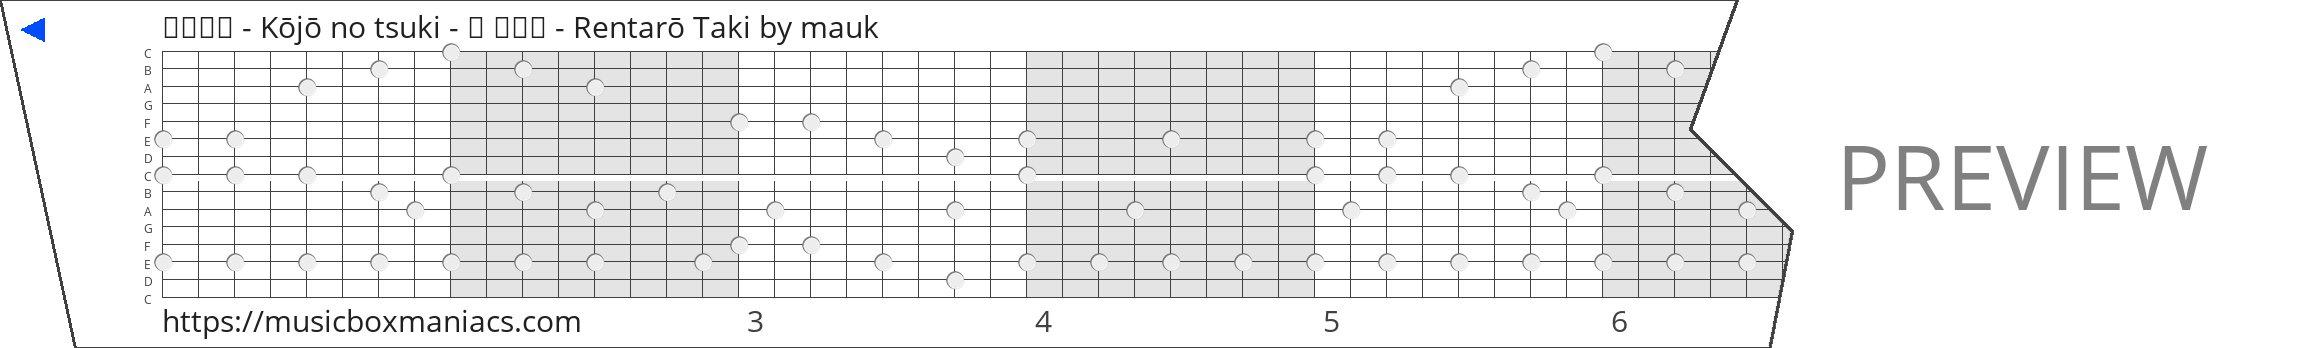 荒城の月 - Kōjō no tsuki - 瀧 廉太郎 - Rentarō Taki 15 note music box paper strip